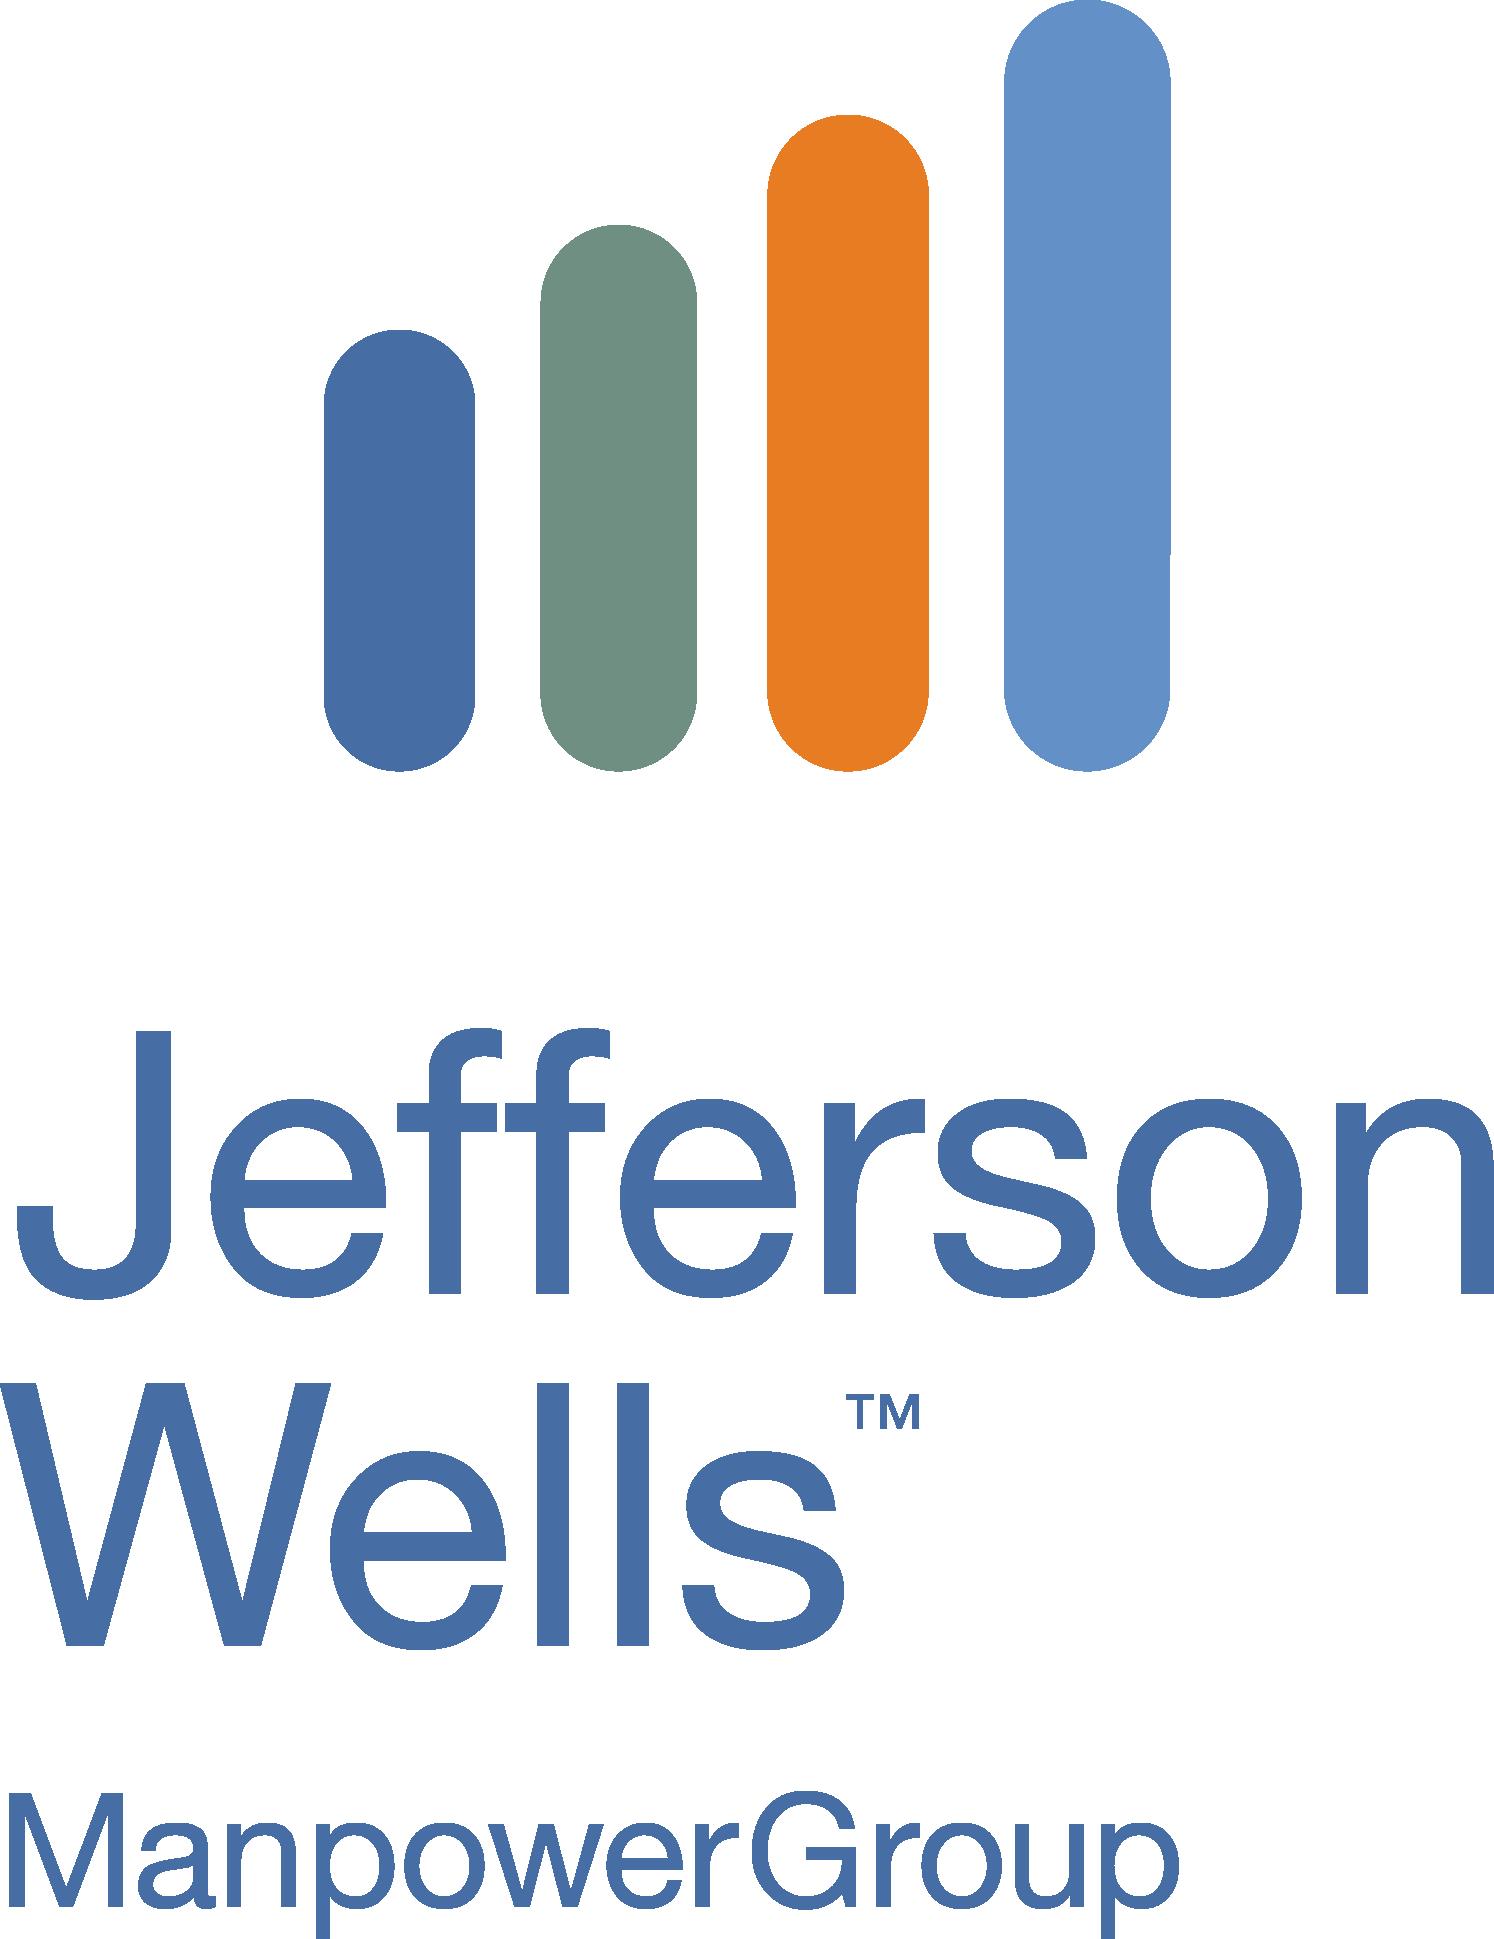 Jefferson Wells rekruttering